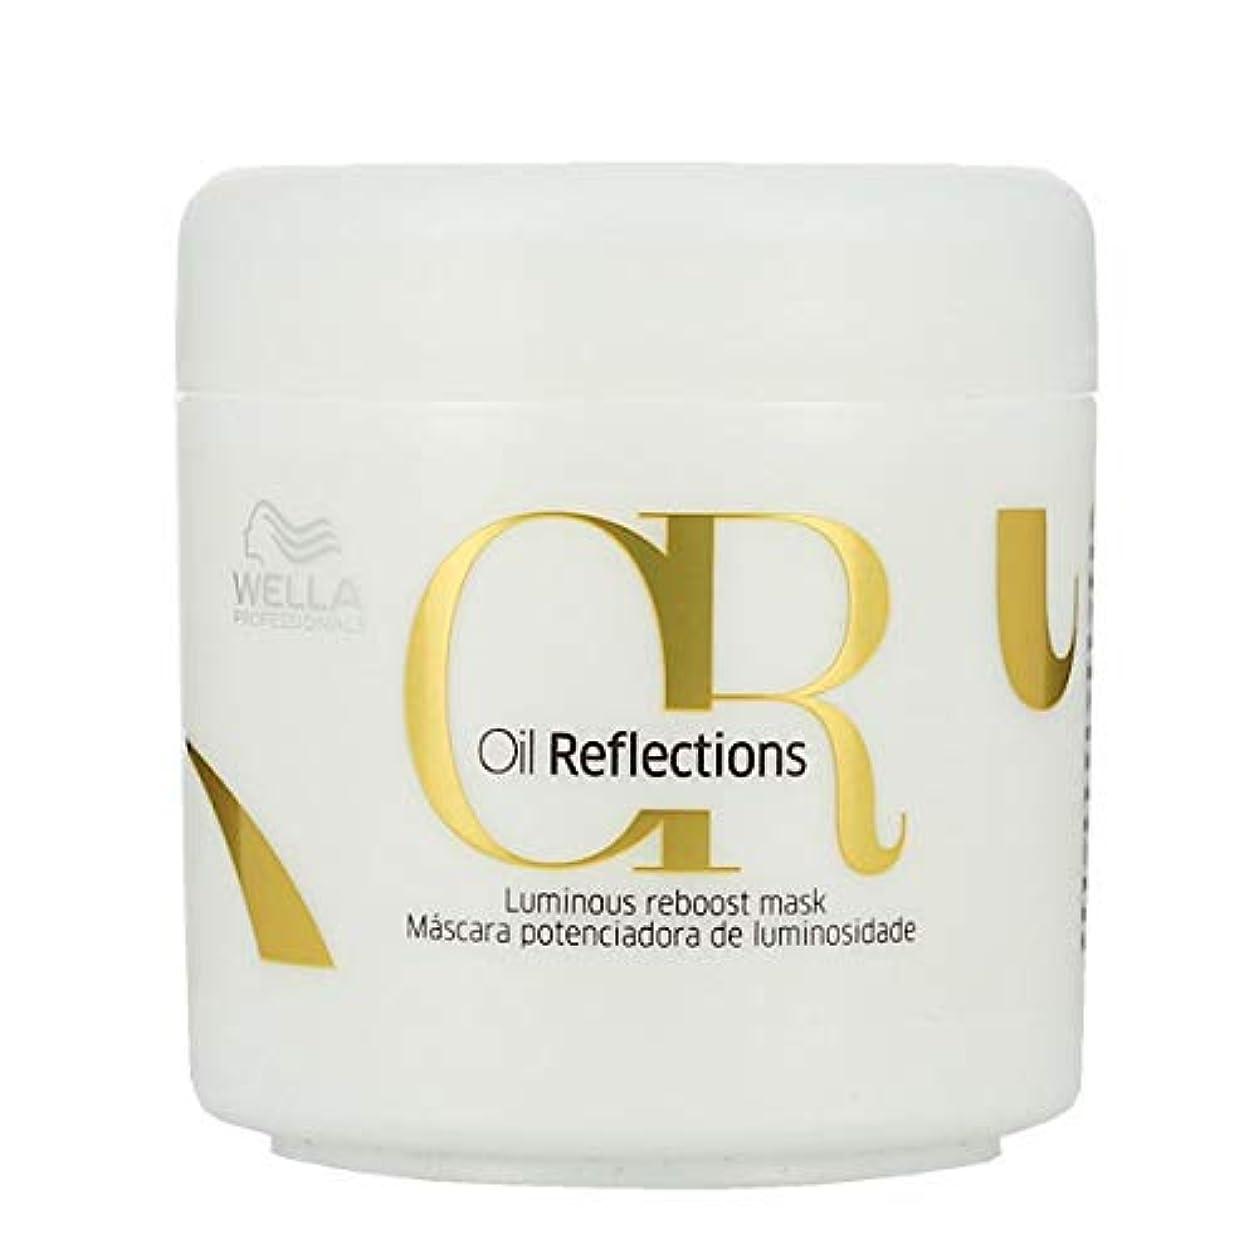 スズメバチ変なロボットWella Professionals Oil Reflections Luminous Reboost Mask ウエラ オイルリフレクション マスク 150 ml [並行輸入品]